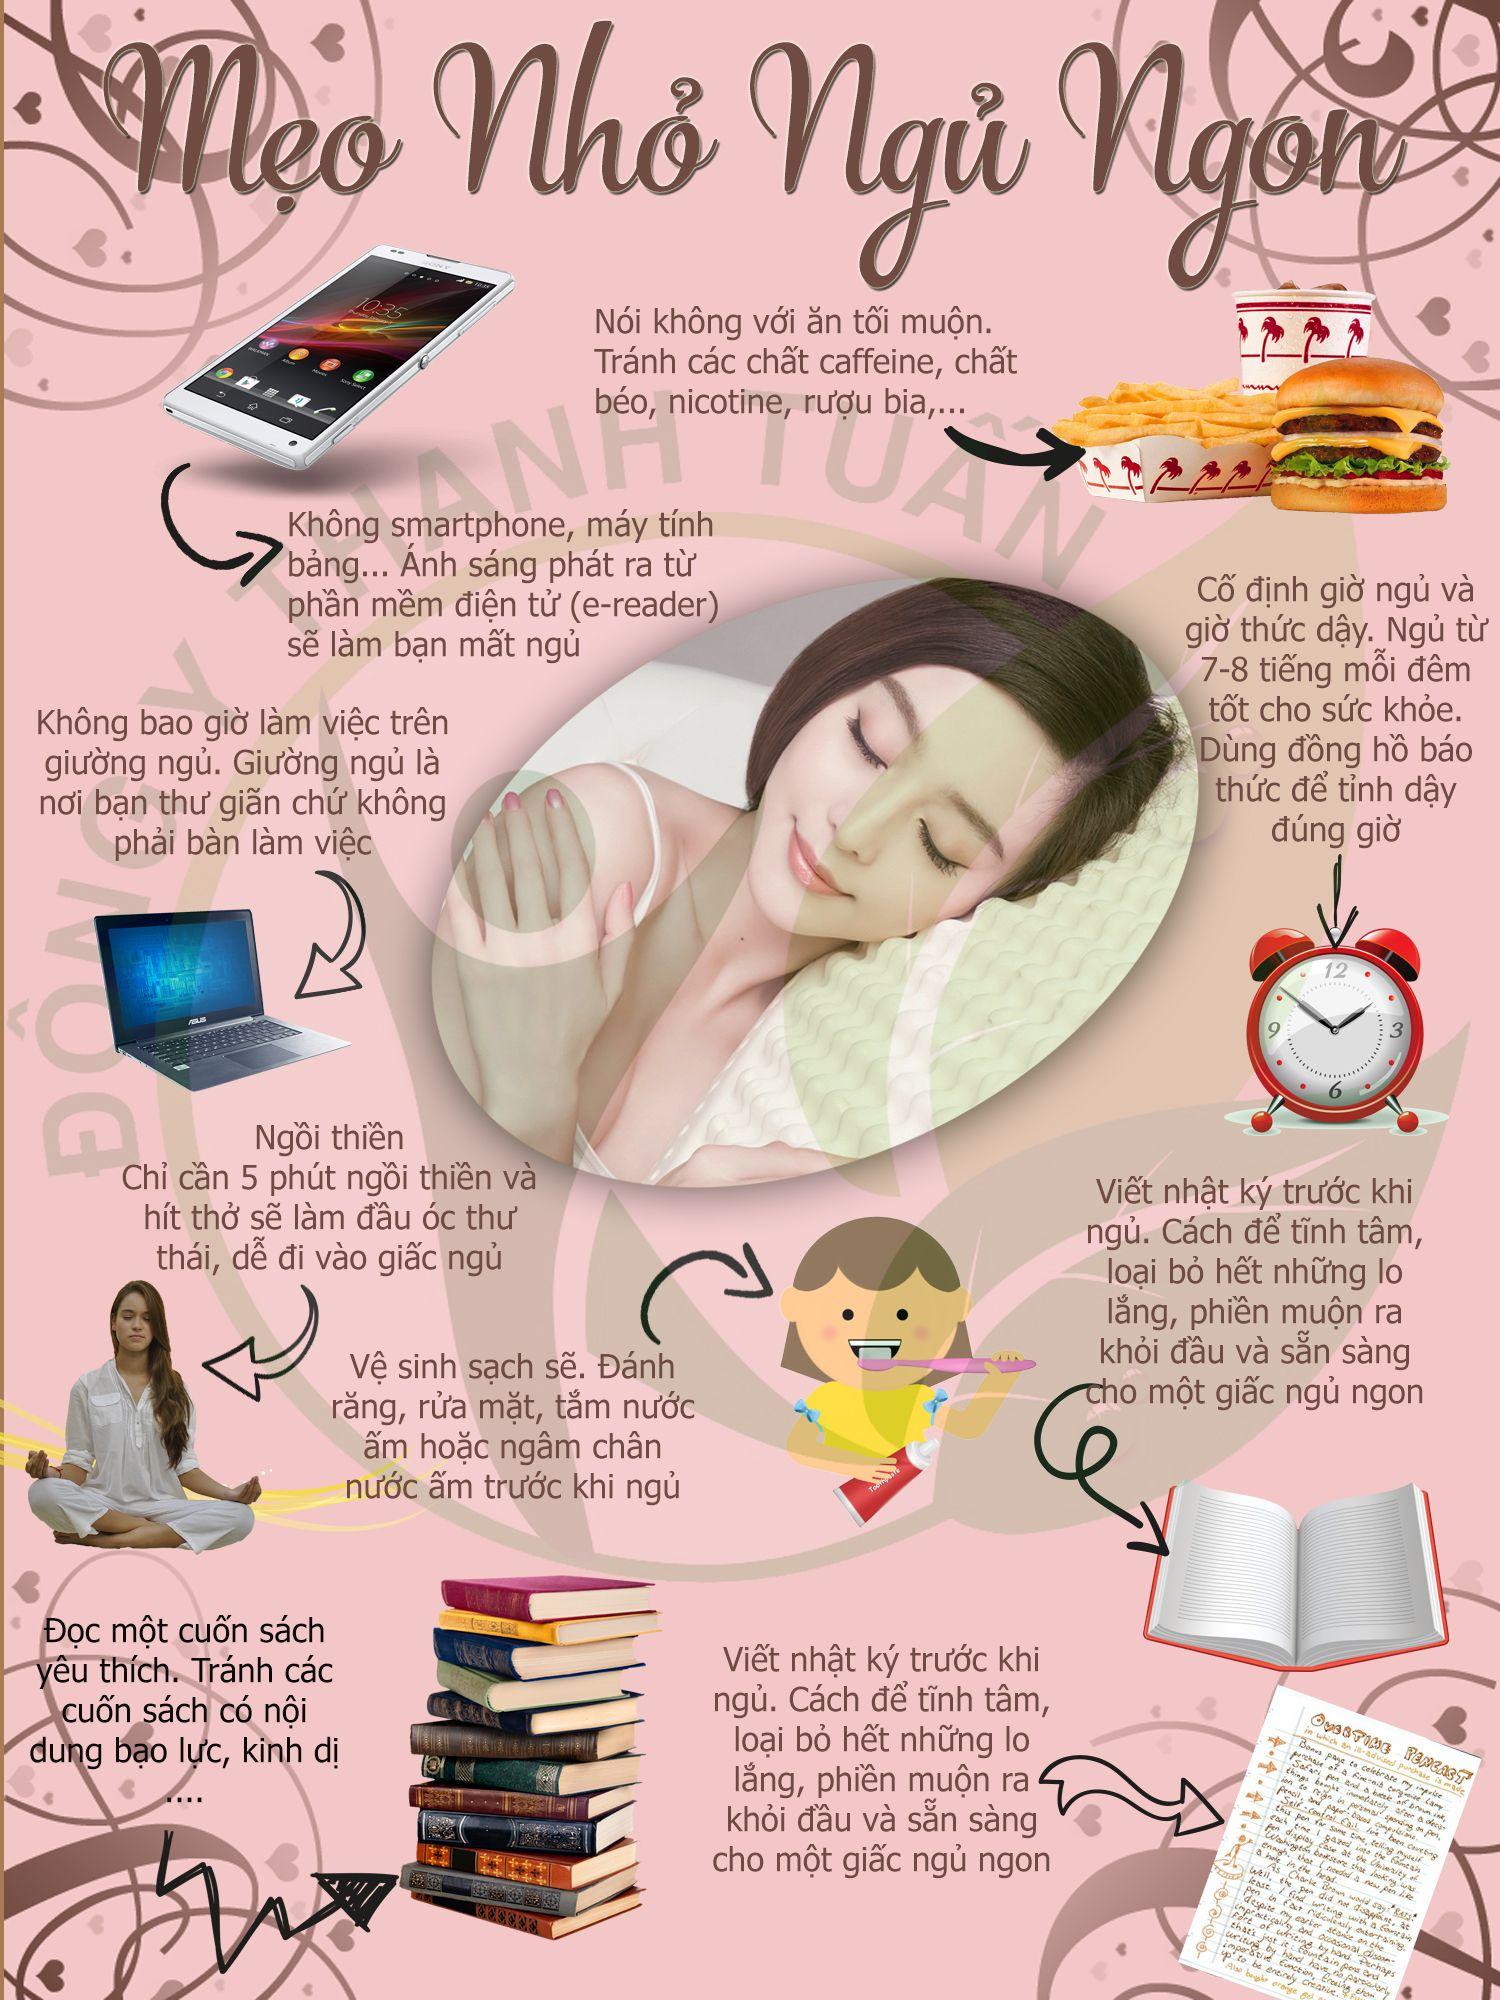 Mẹo Giúp Ngủ Ngon] Hãy thử vài phương pháp sau nếu bạn đang trong ...